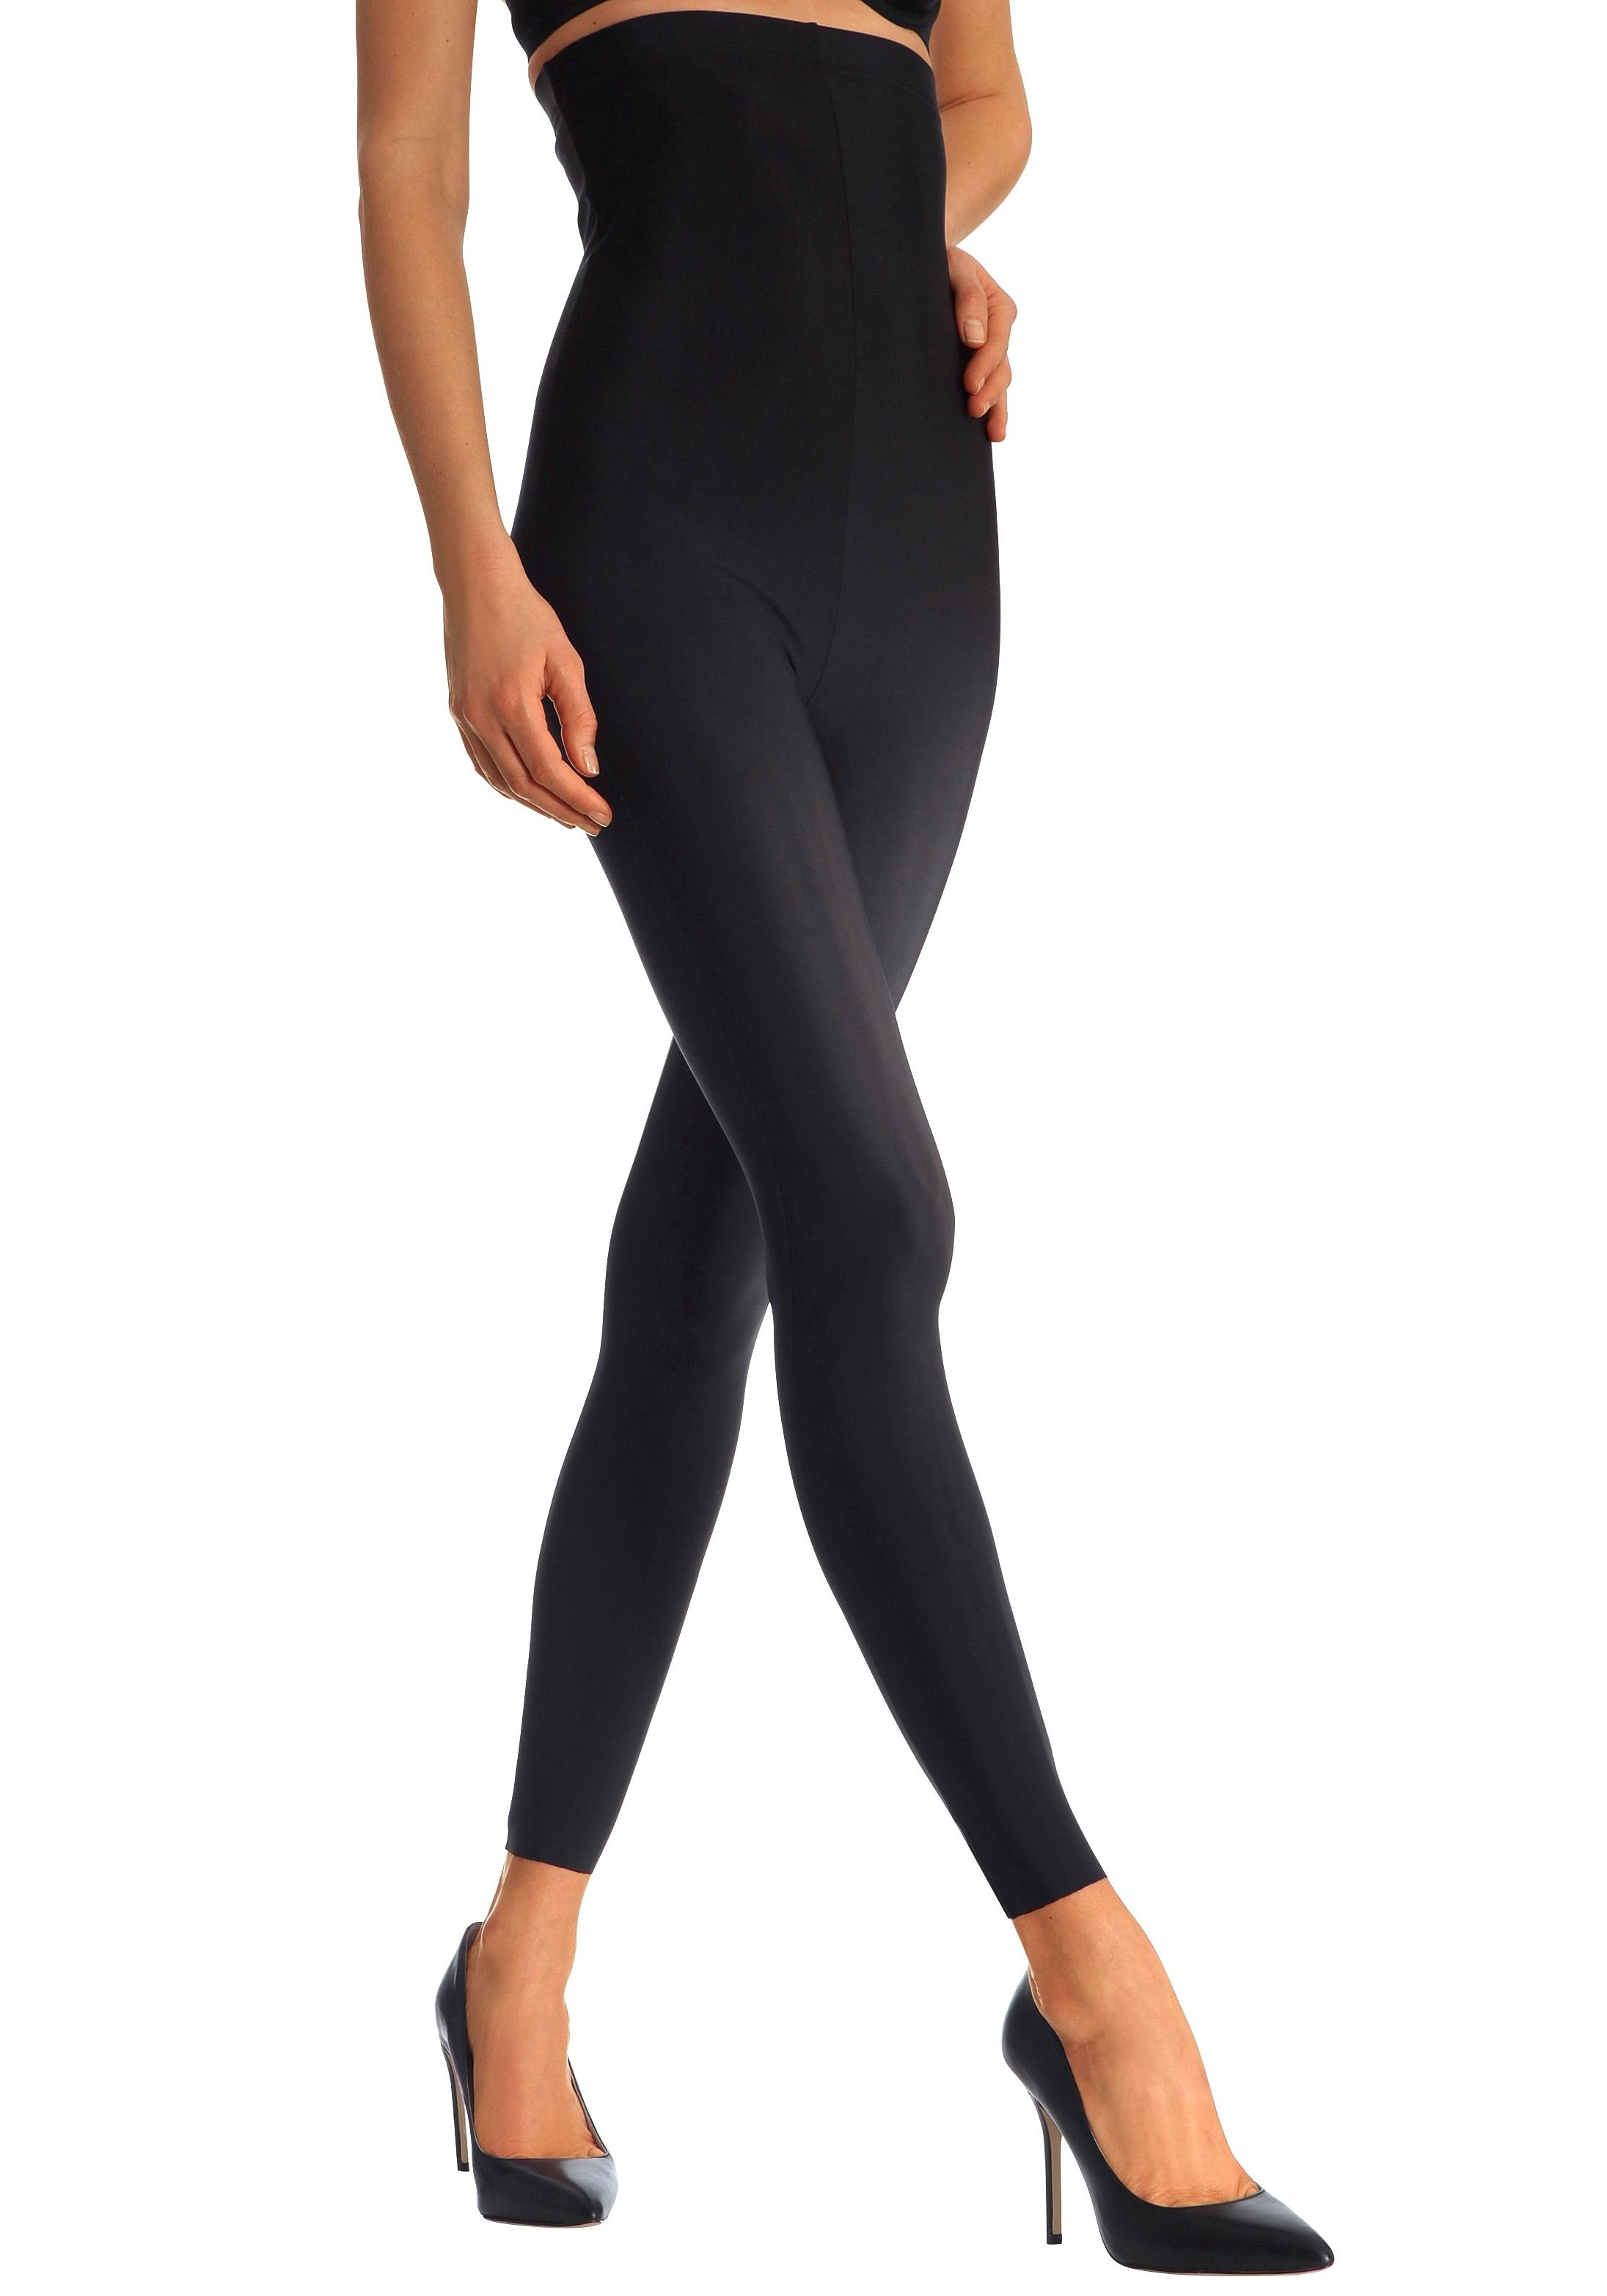 LASCANA Bodyforming-legging in badpakkwaliteit in de webshop van Lascana kopen